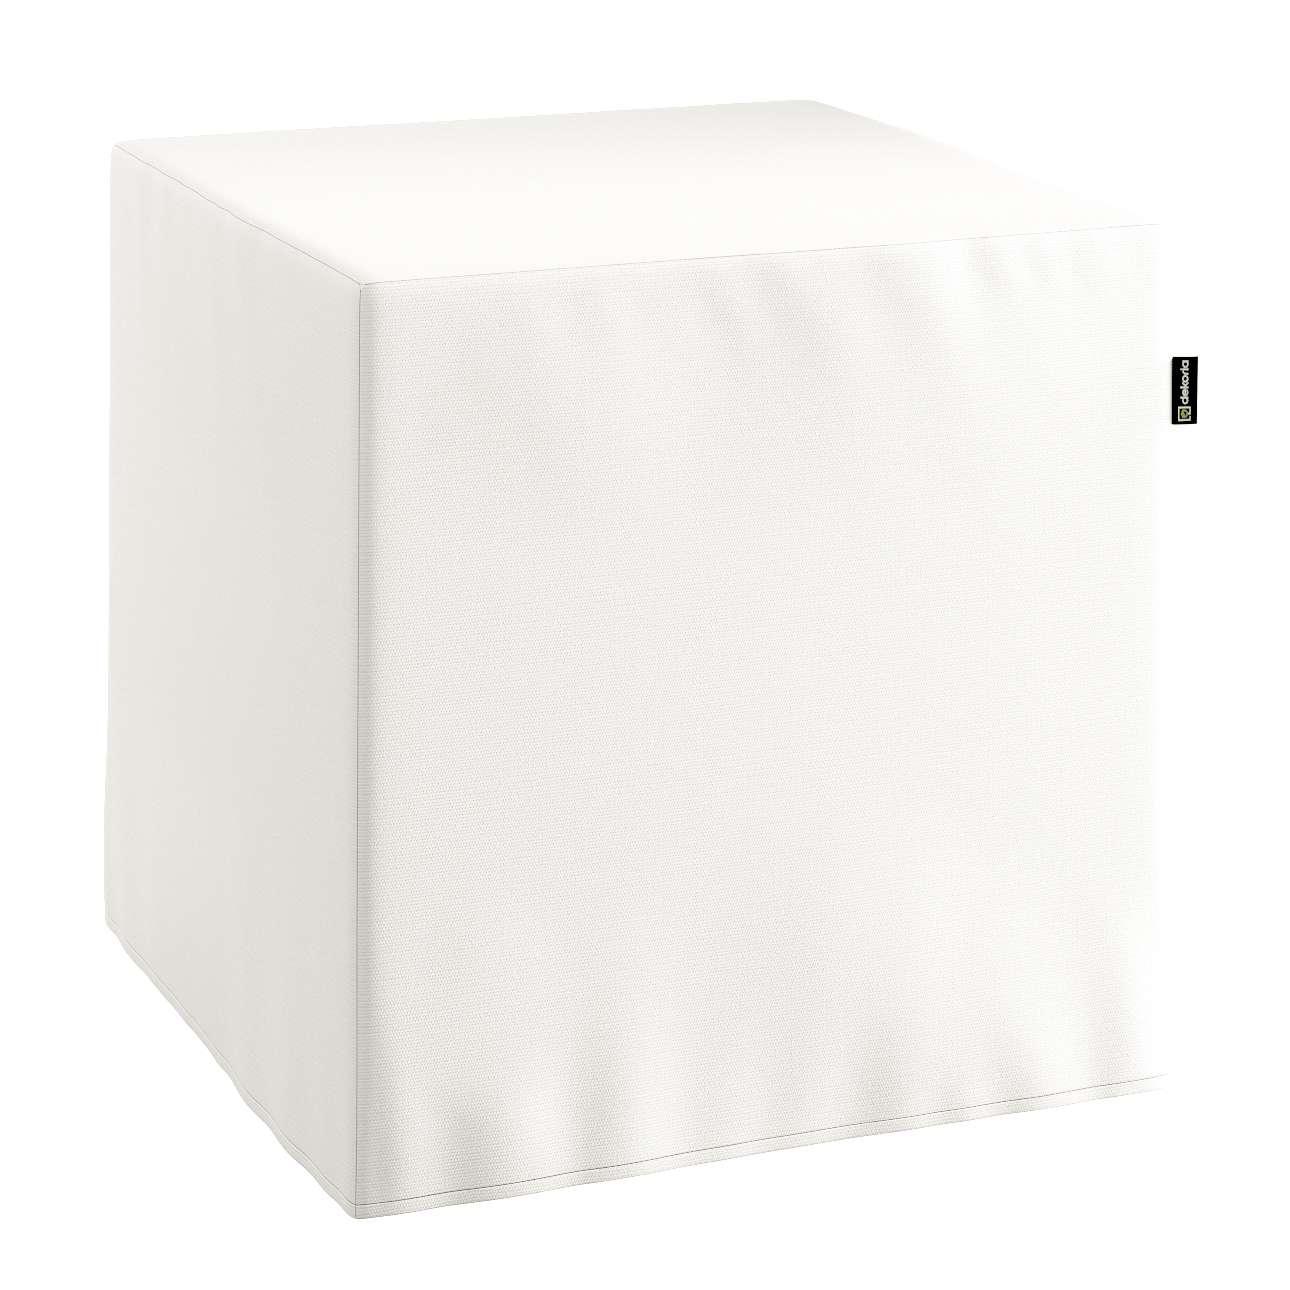 Harter Sitzwürfel, weiss, 40 x 40 x 40 cm, Cotton Panama | Wohnzimmer > Hocker & Poufs > Sitzwürfel | Dekoria